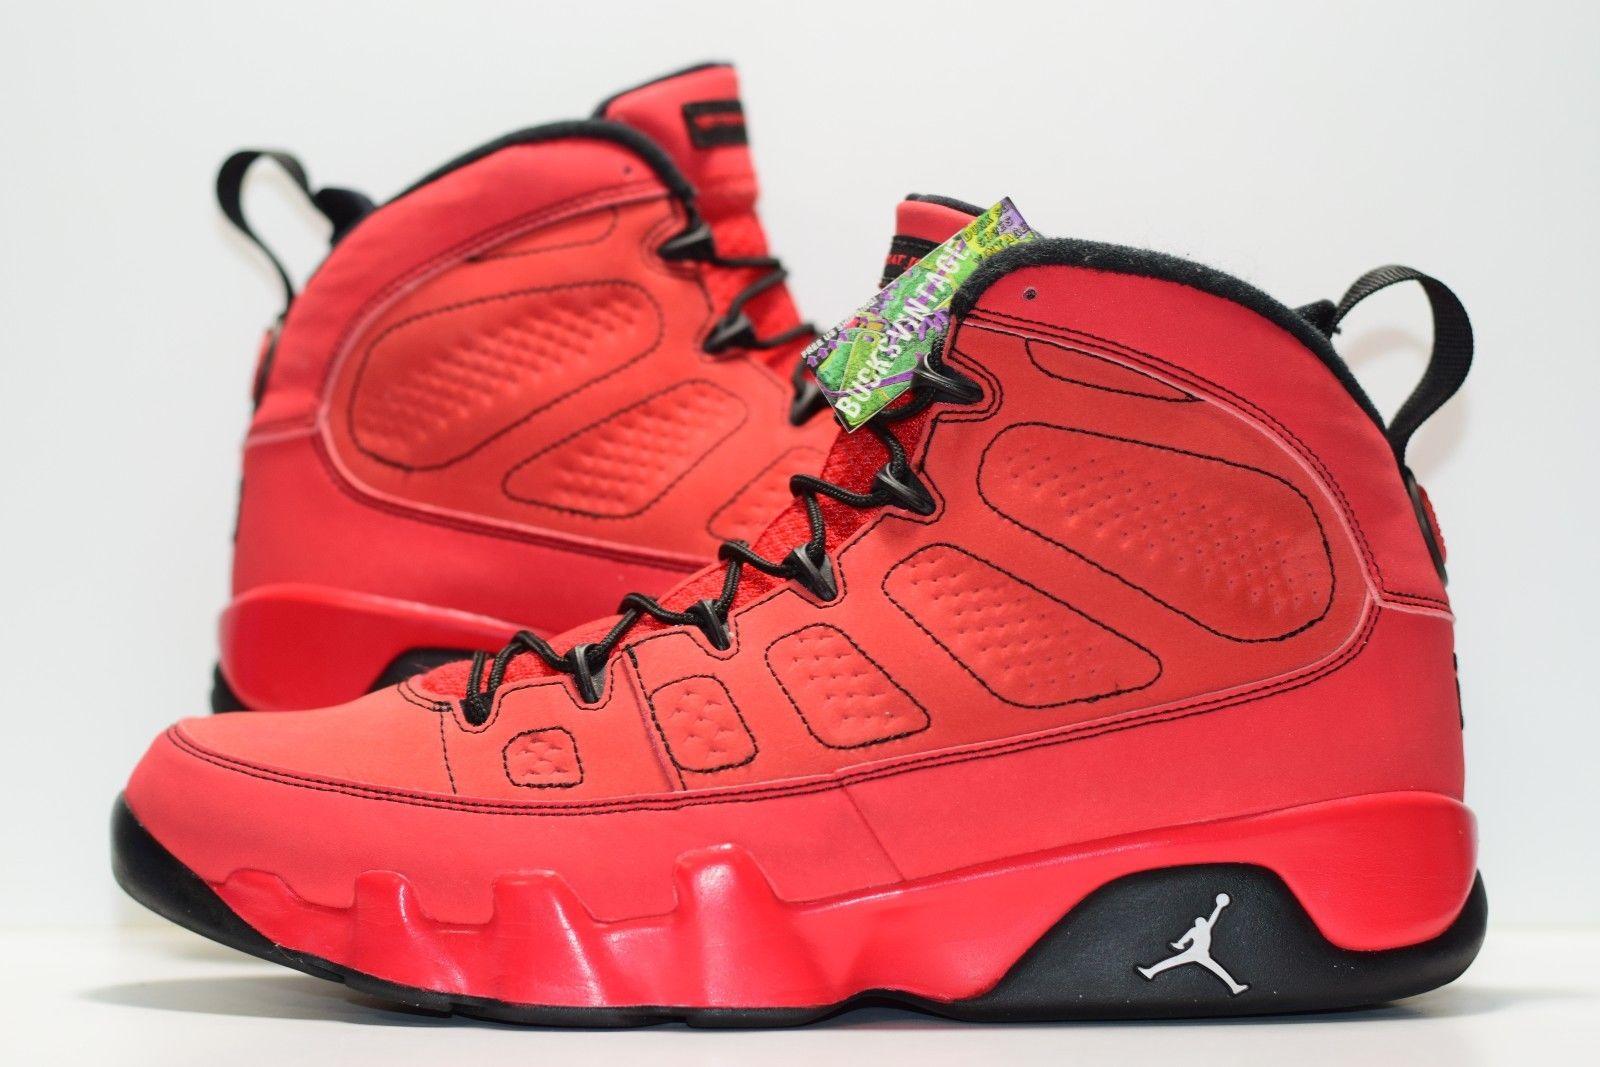 c8f3822f5bd8 Size 11